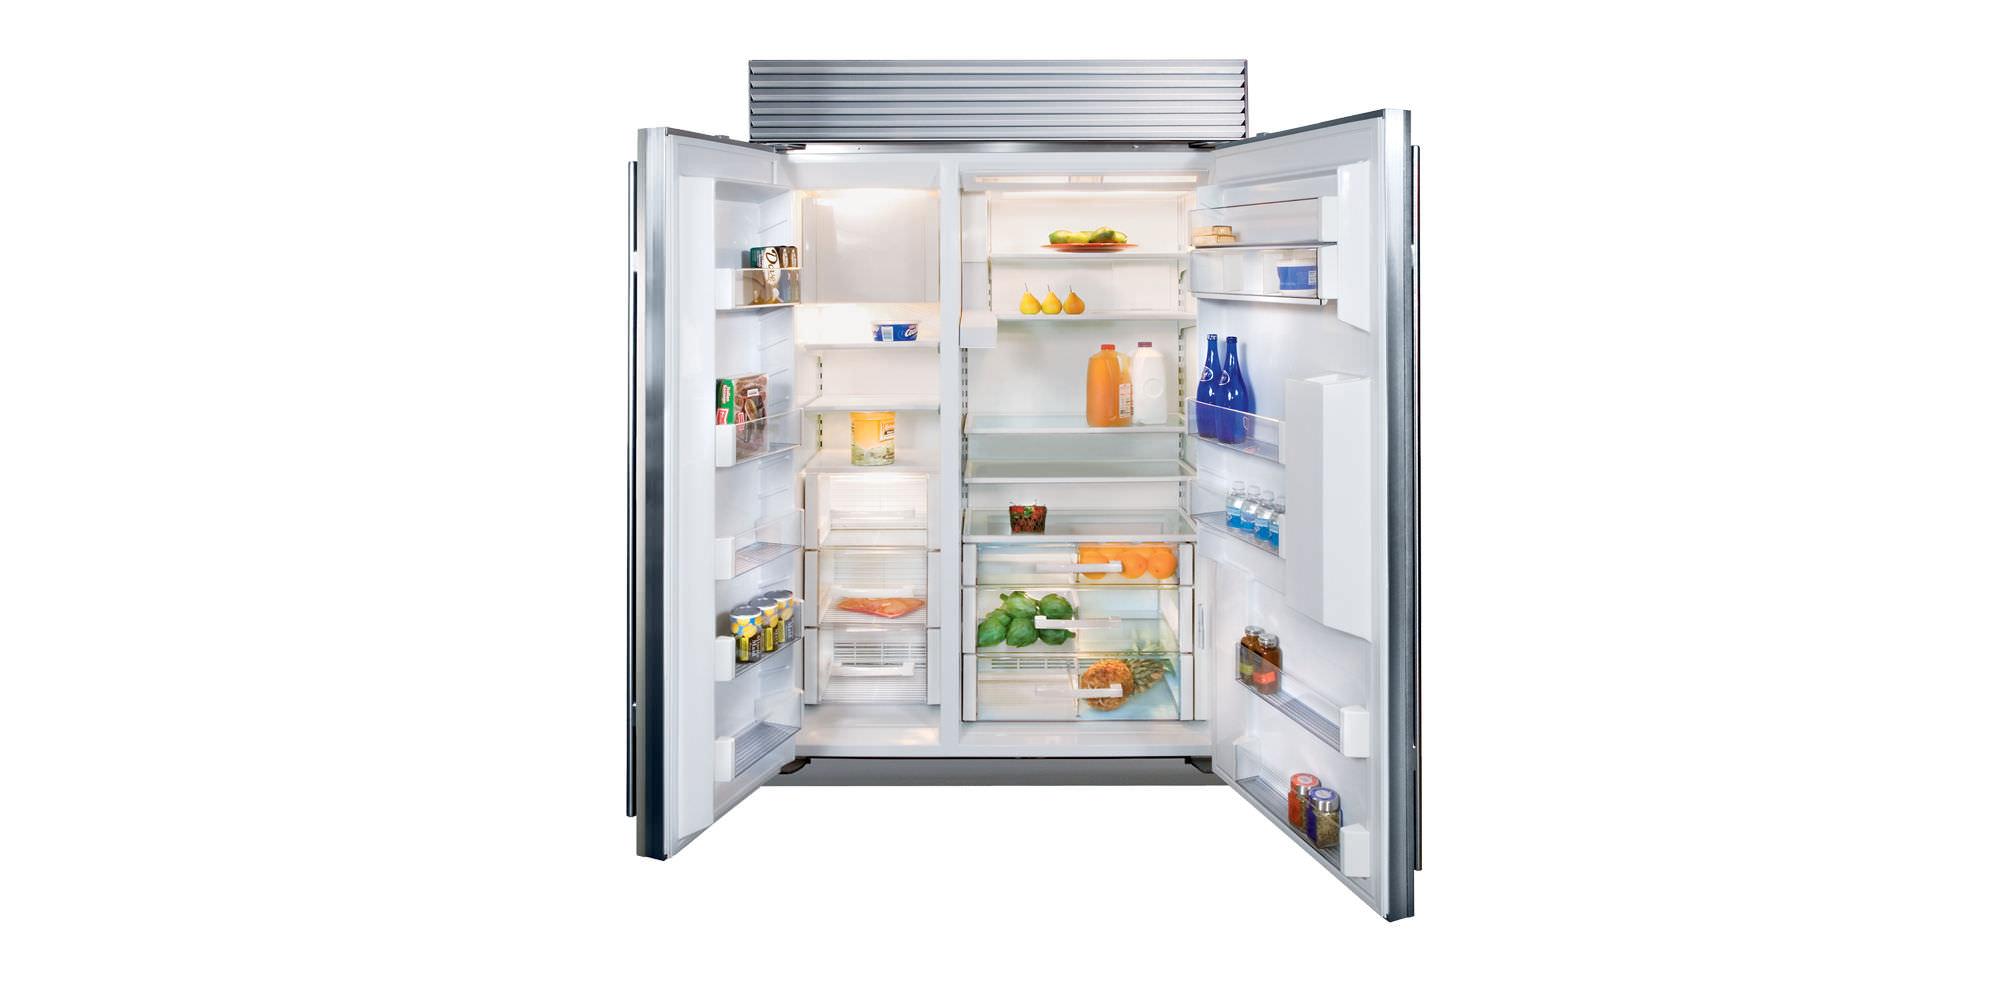 Kühlschrank gefrierschrank nebeneinander